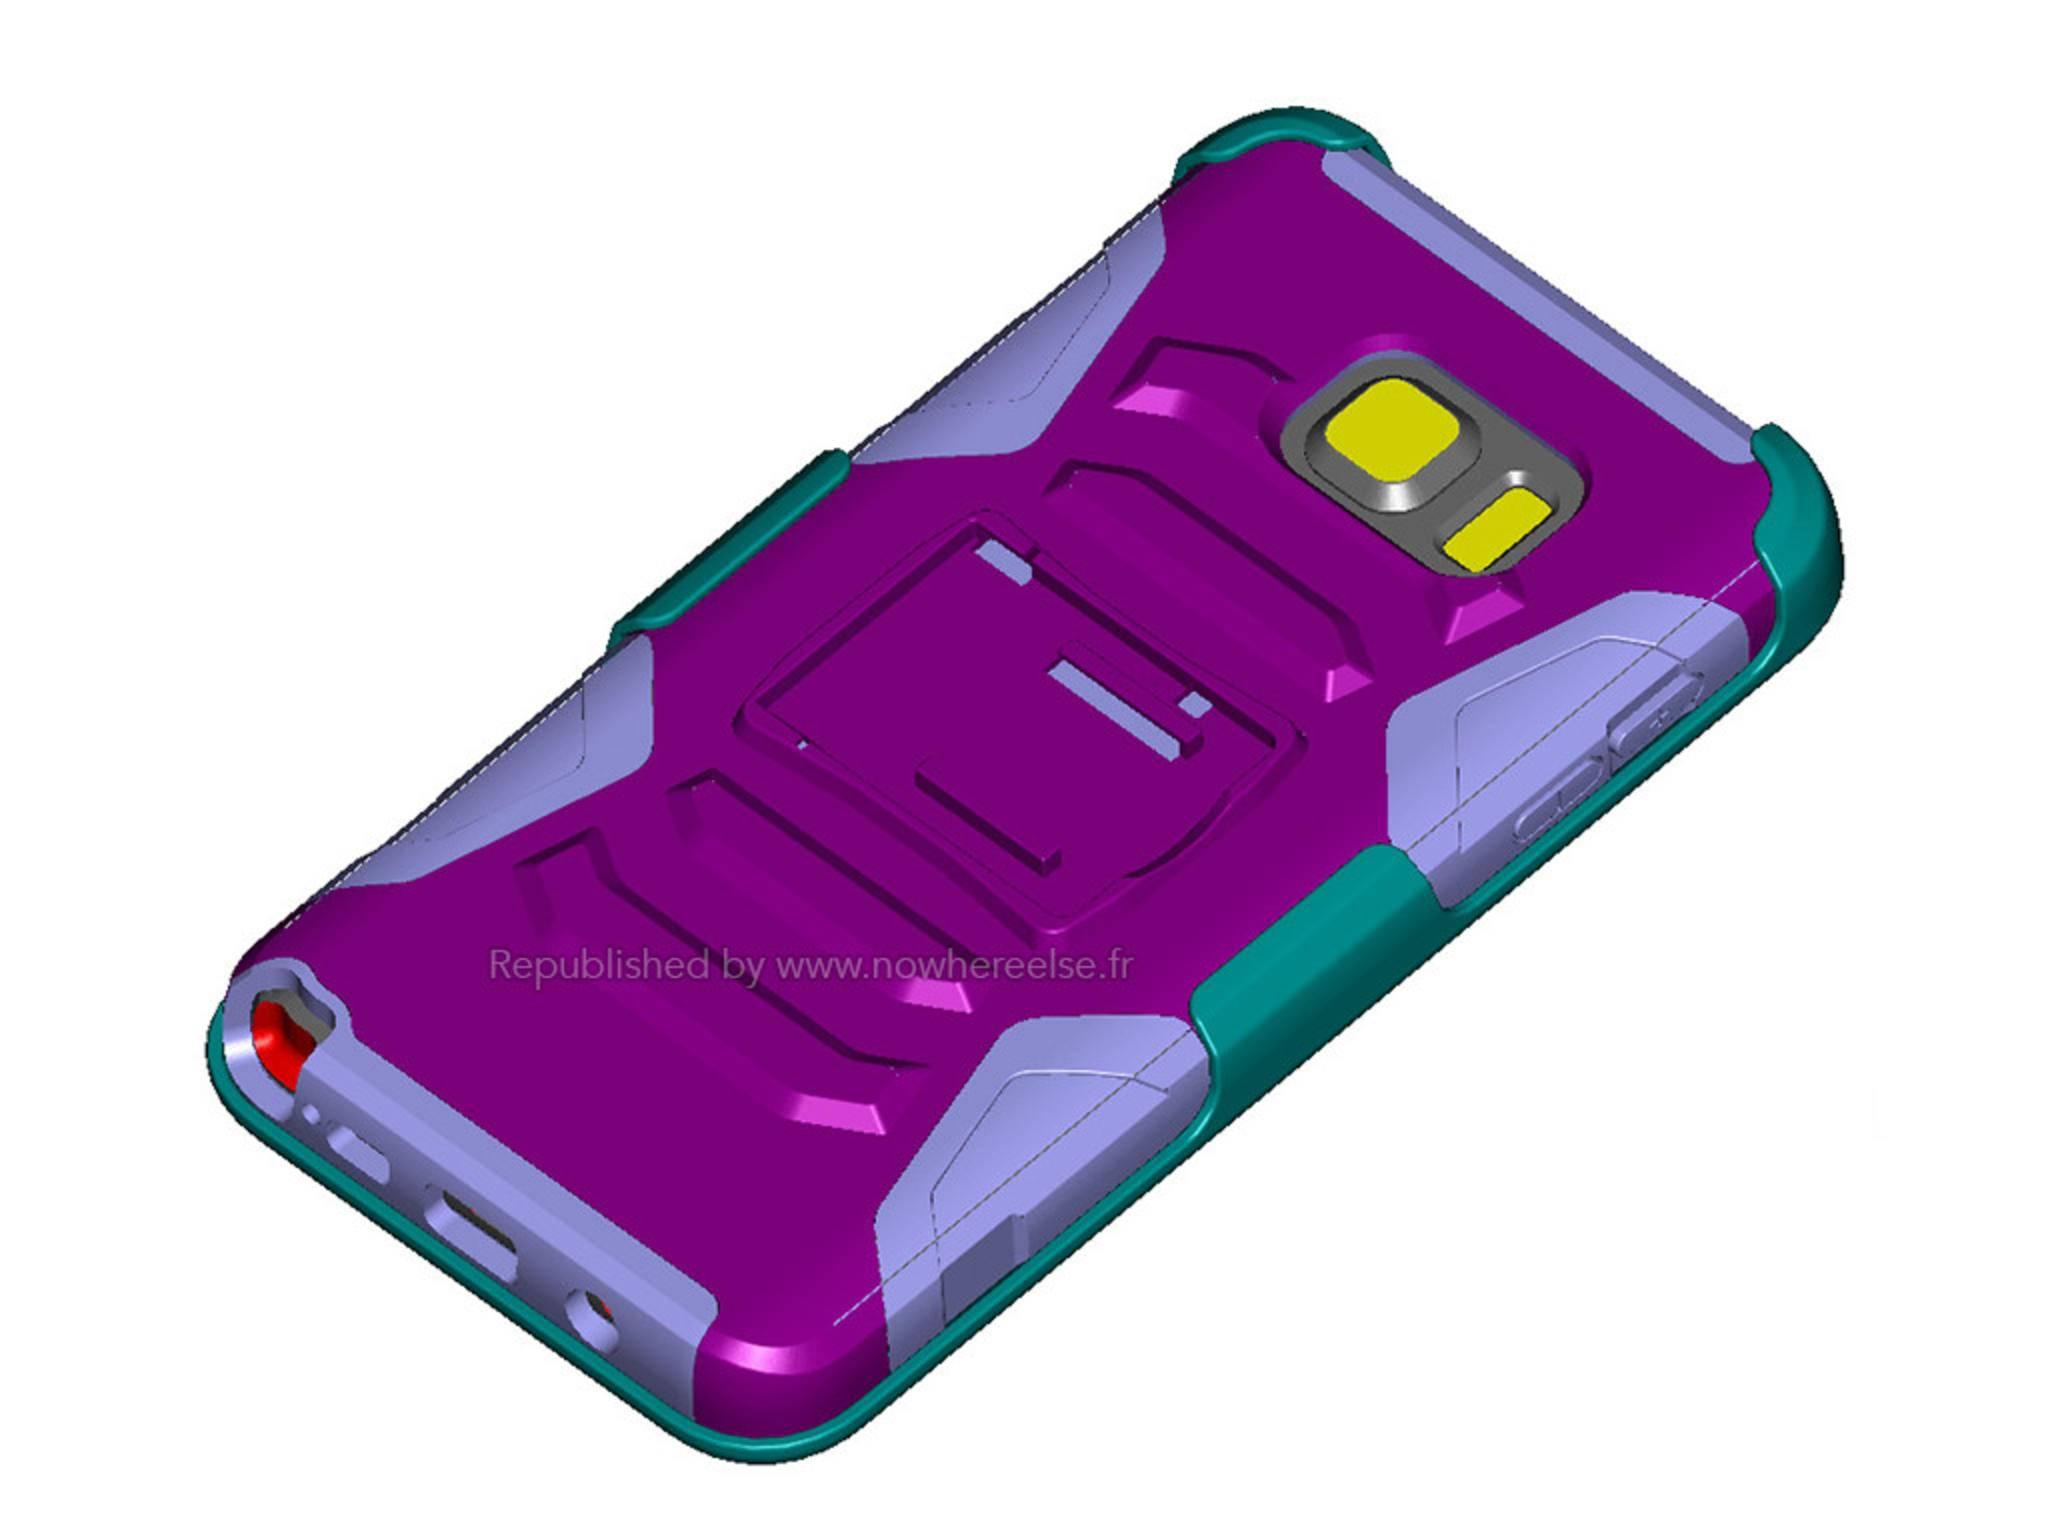 Ein angebliches Case für das Galaxy Note 5 gibt erste Hinweise auf das Design.